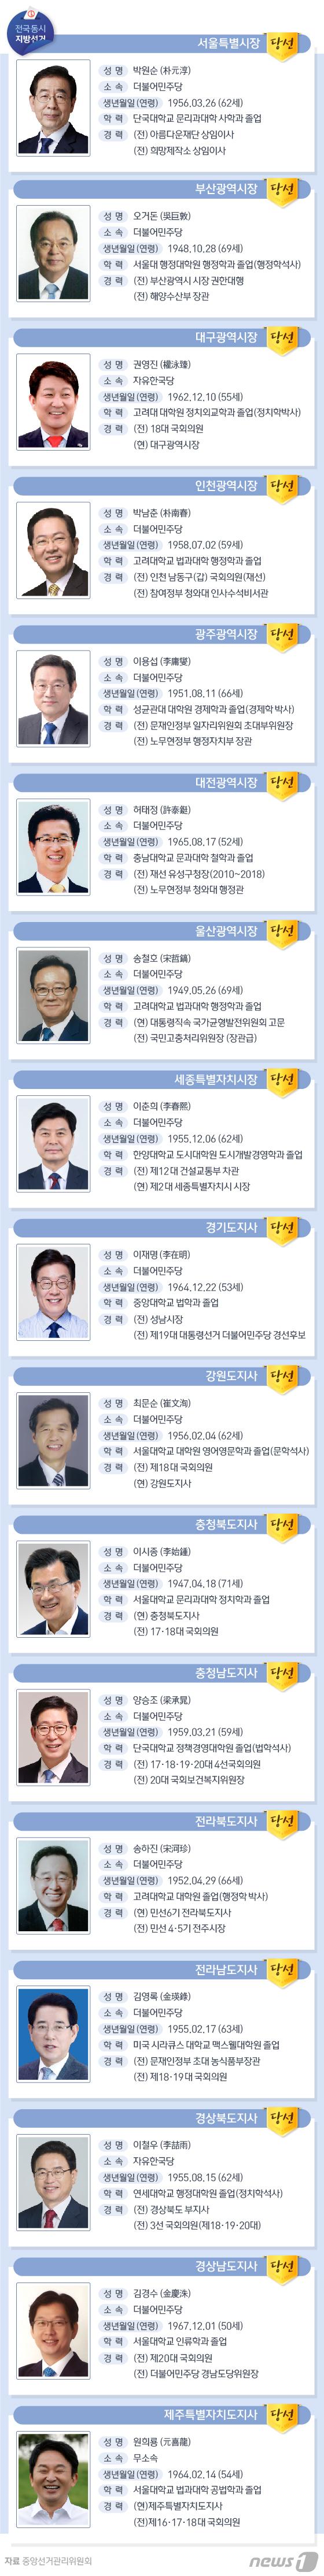 [그래픽뉴스] 광역단체장 당선자 프로필